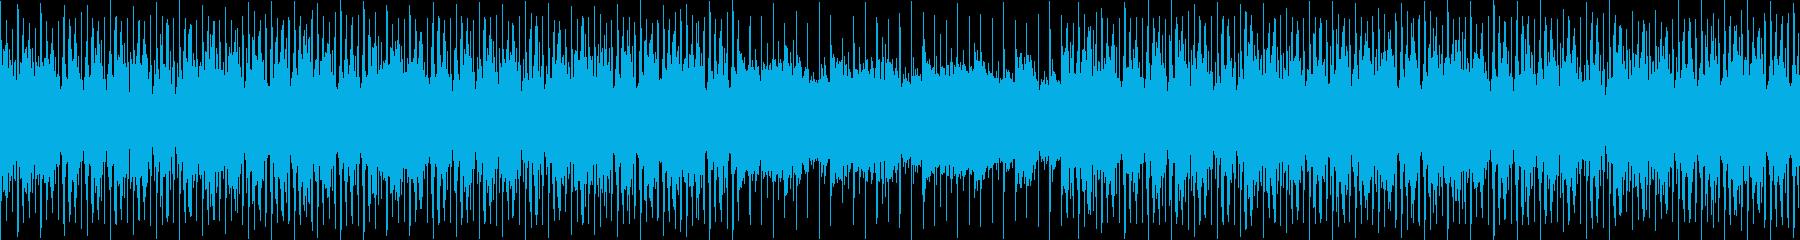 アップテンポで競争や戦いに適した曲の再生済みの波形